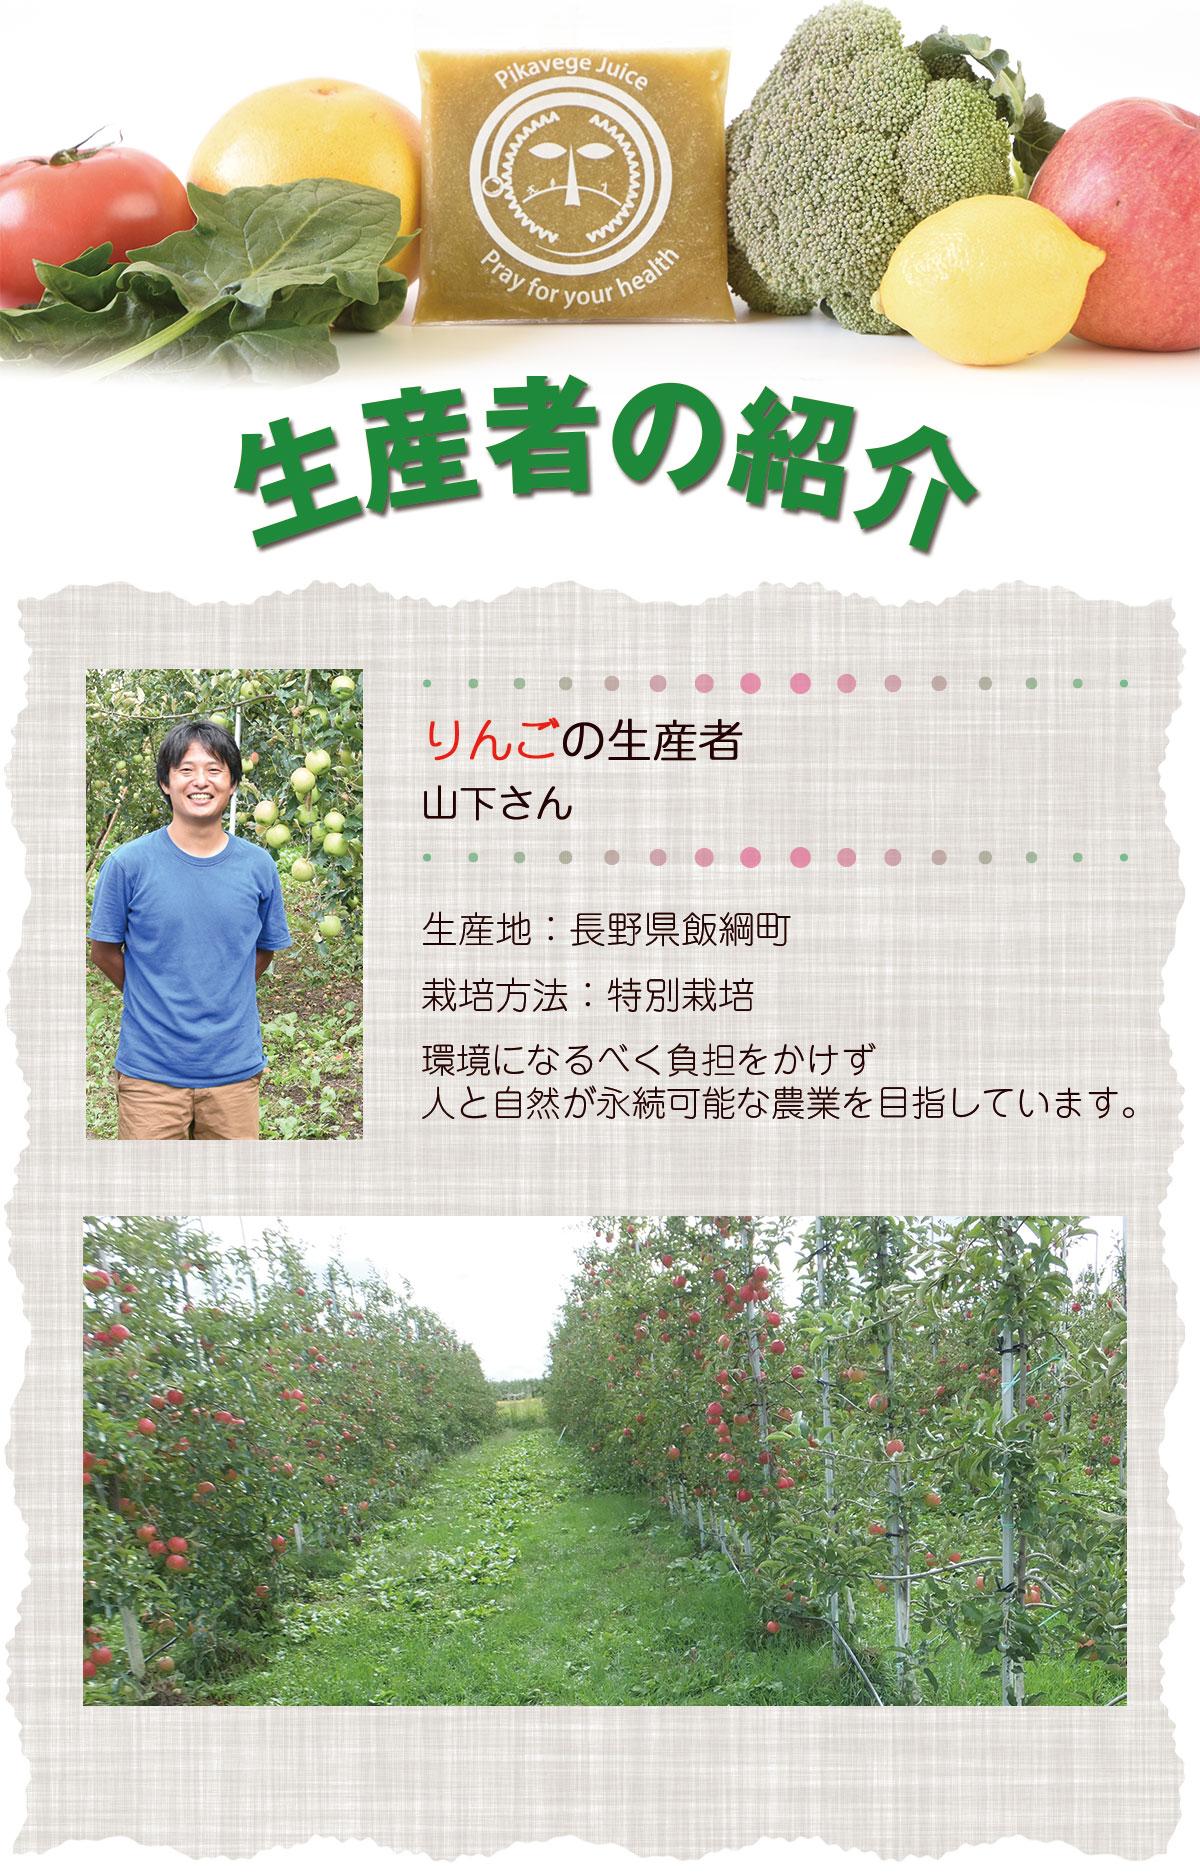 りんごの生産者 山下さん